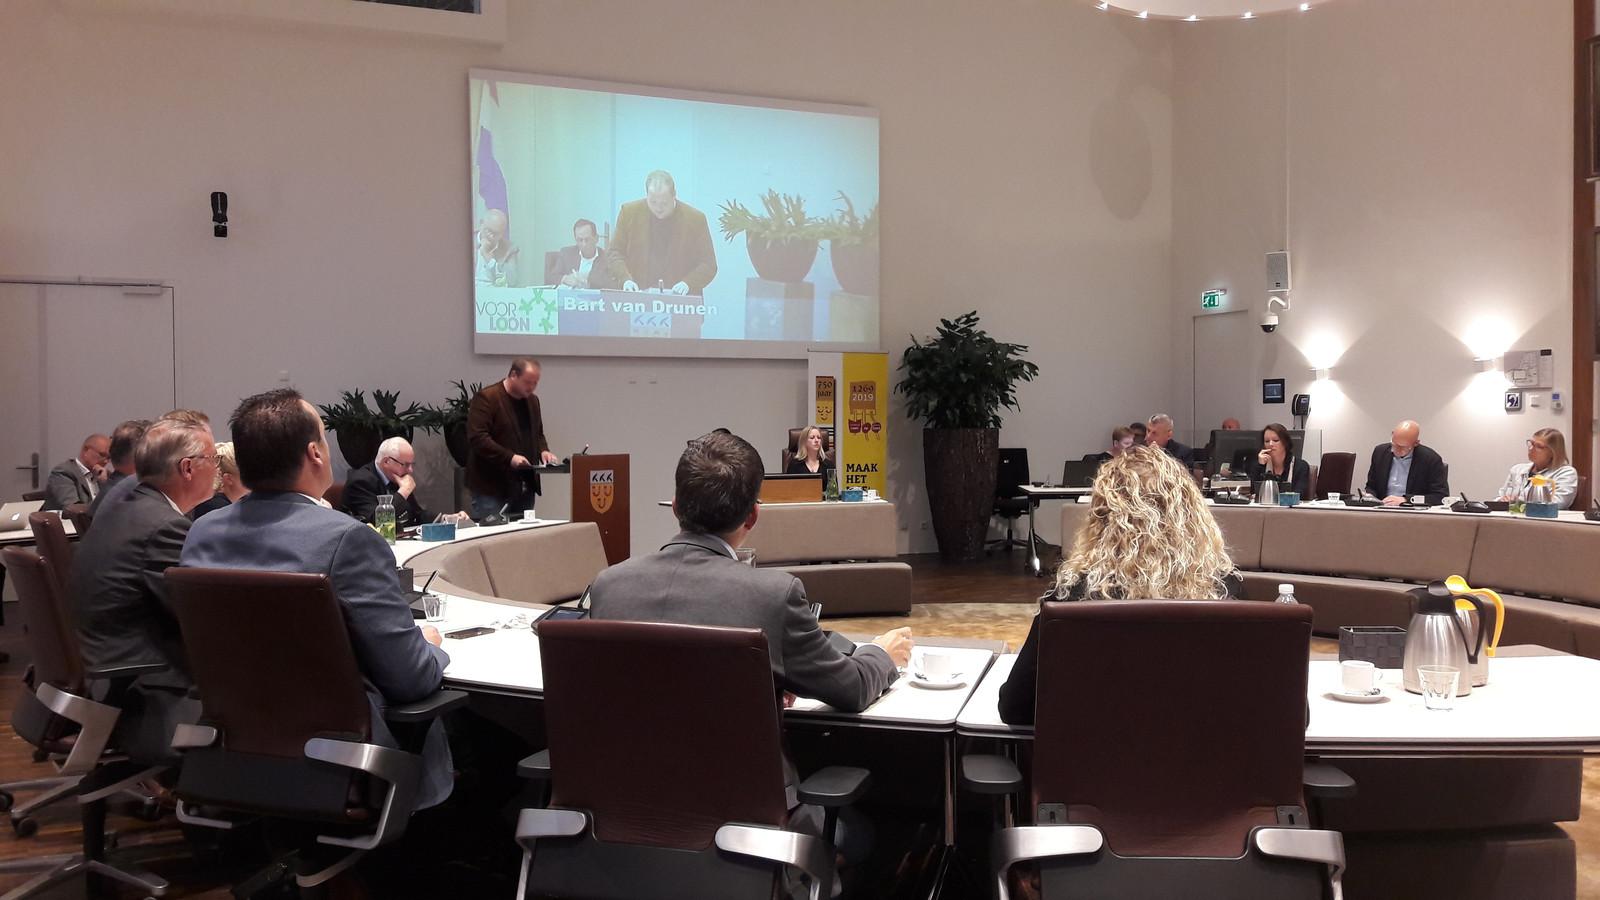 Fractievoorzitter Bart van Drunen van Voor Loon voert het woord in de gemeenteraad van Loon op Zand.